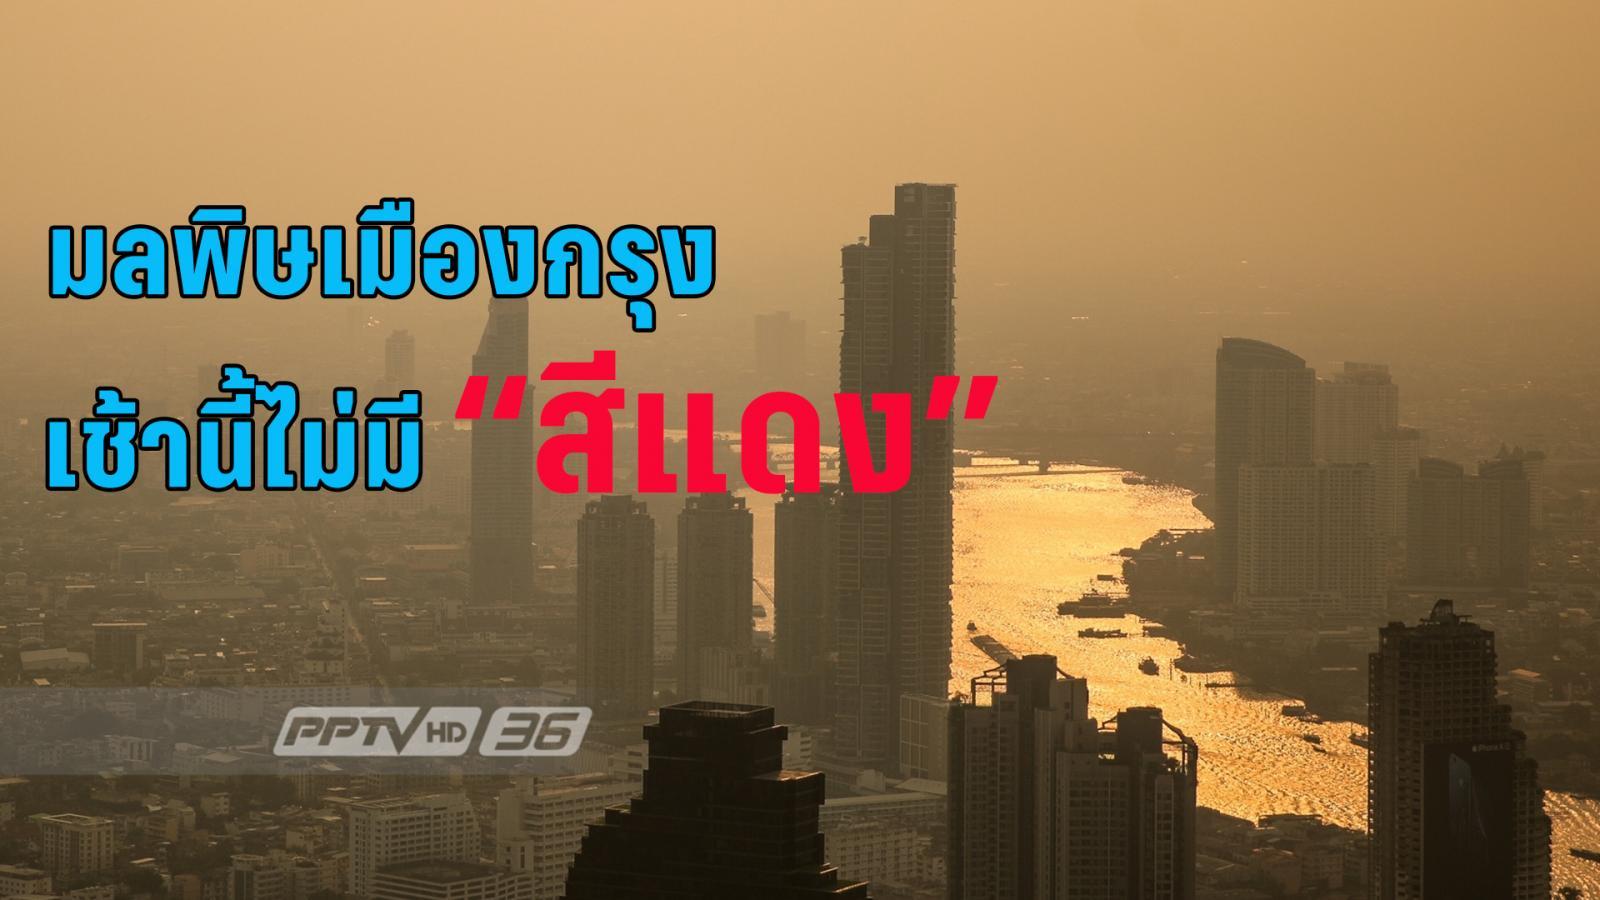 อากาศเมืองกรุงเริ่มดีขึ้น แต่ยังเกินค่ามาตรฐาน 8 พื้นที่